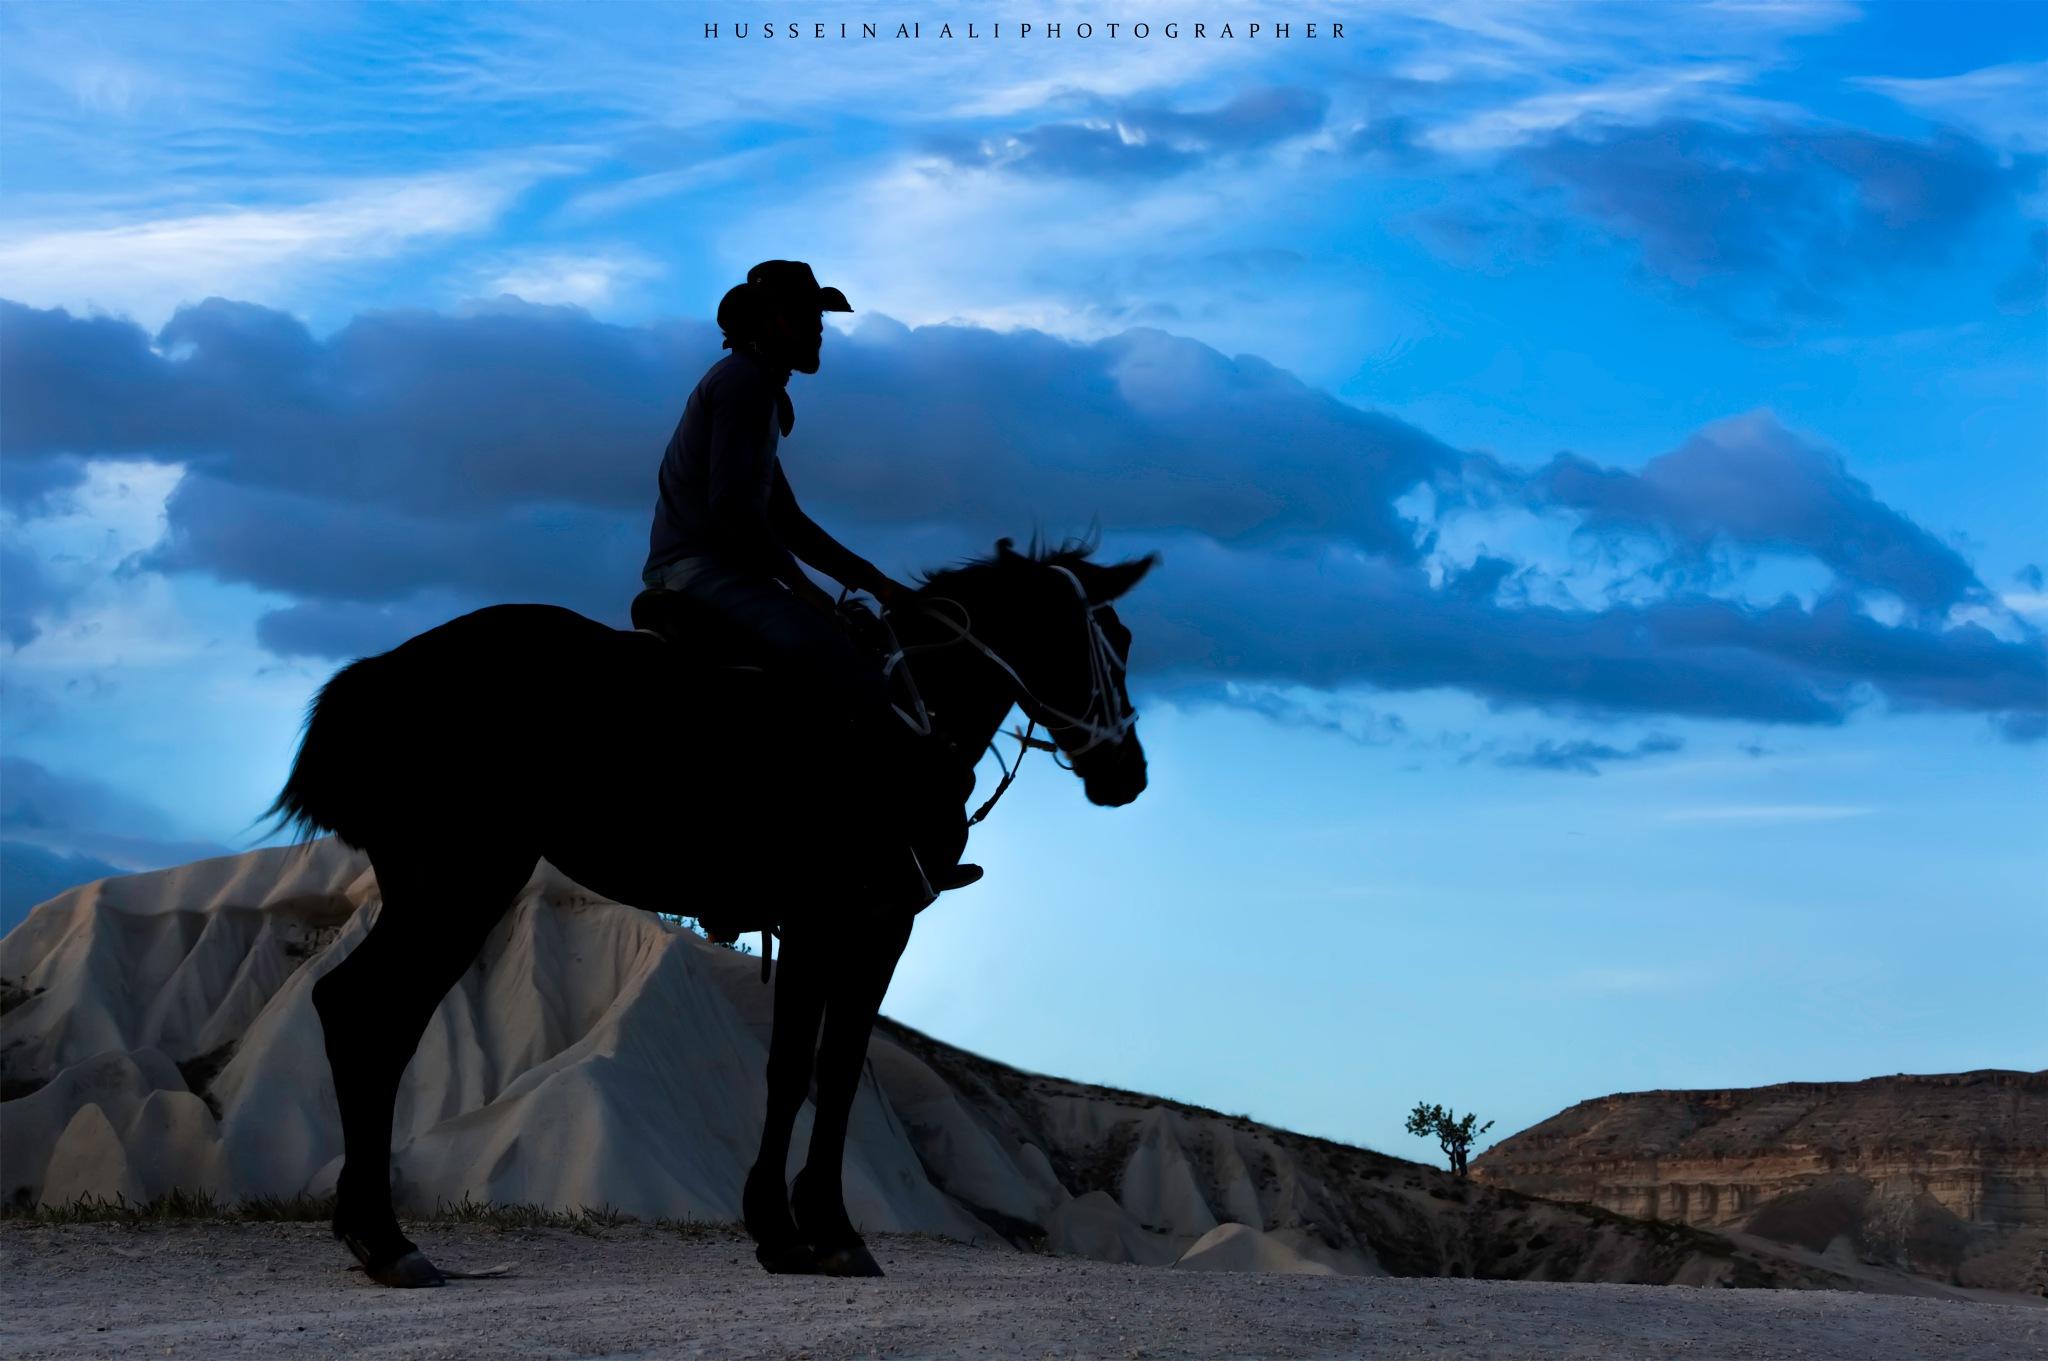 The Knight by Hussein Al Ali